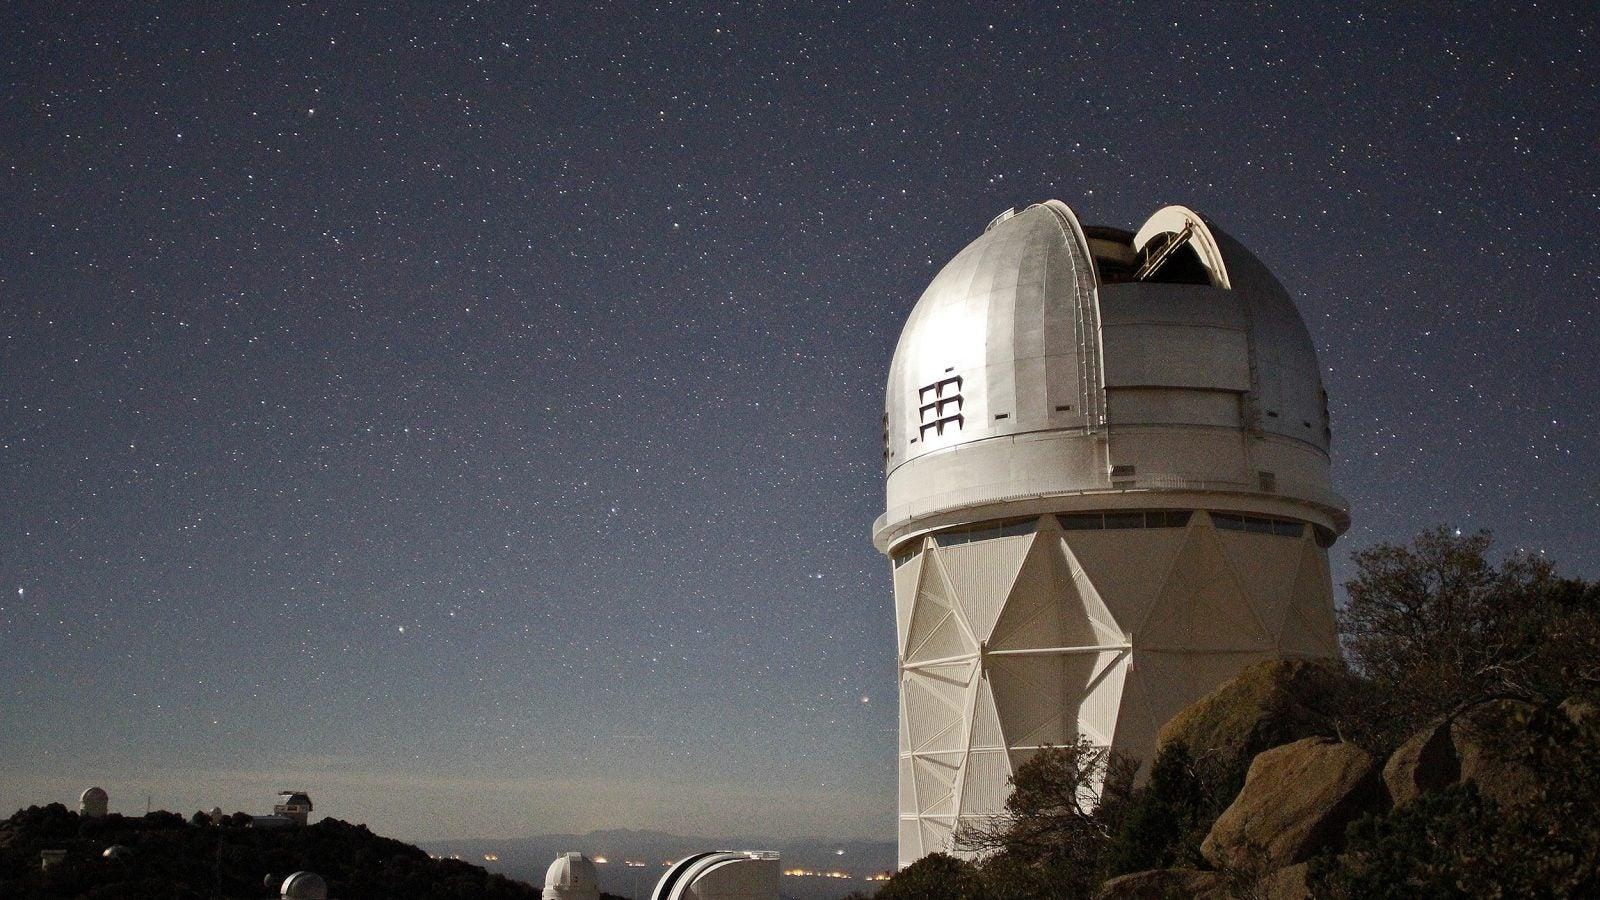 Mayall 4m Telescope.